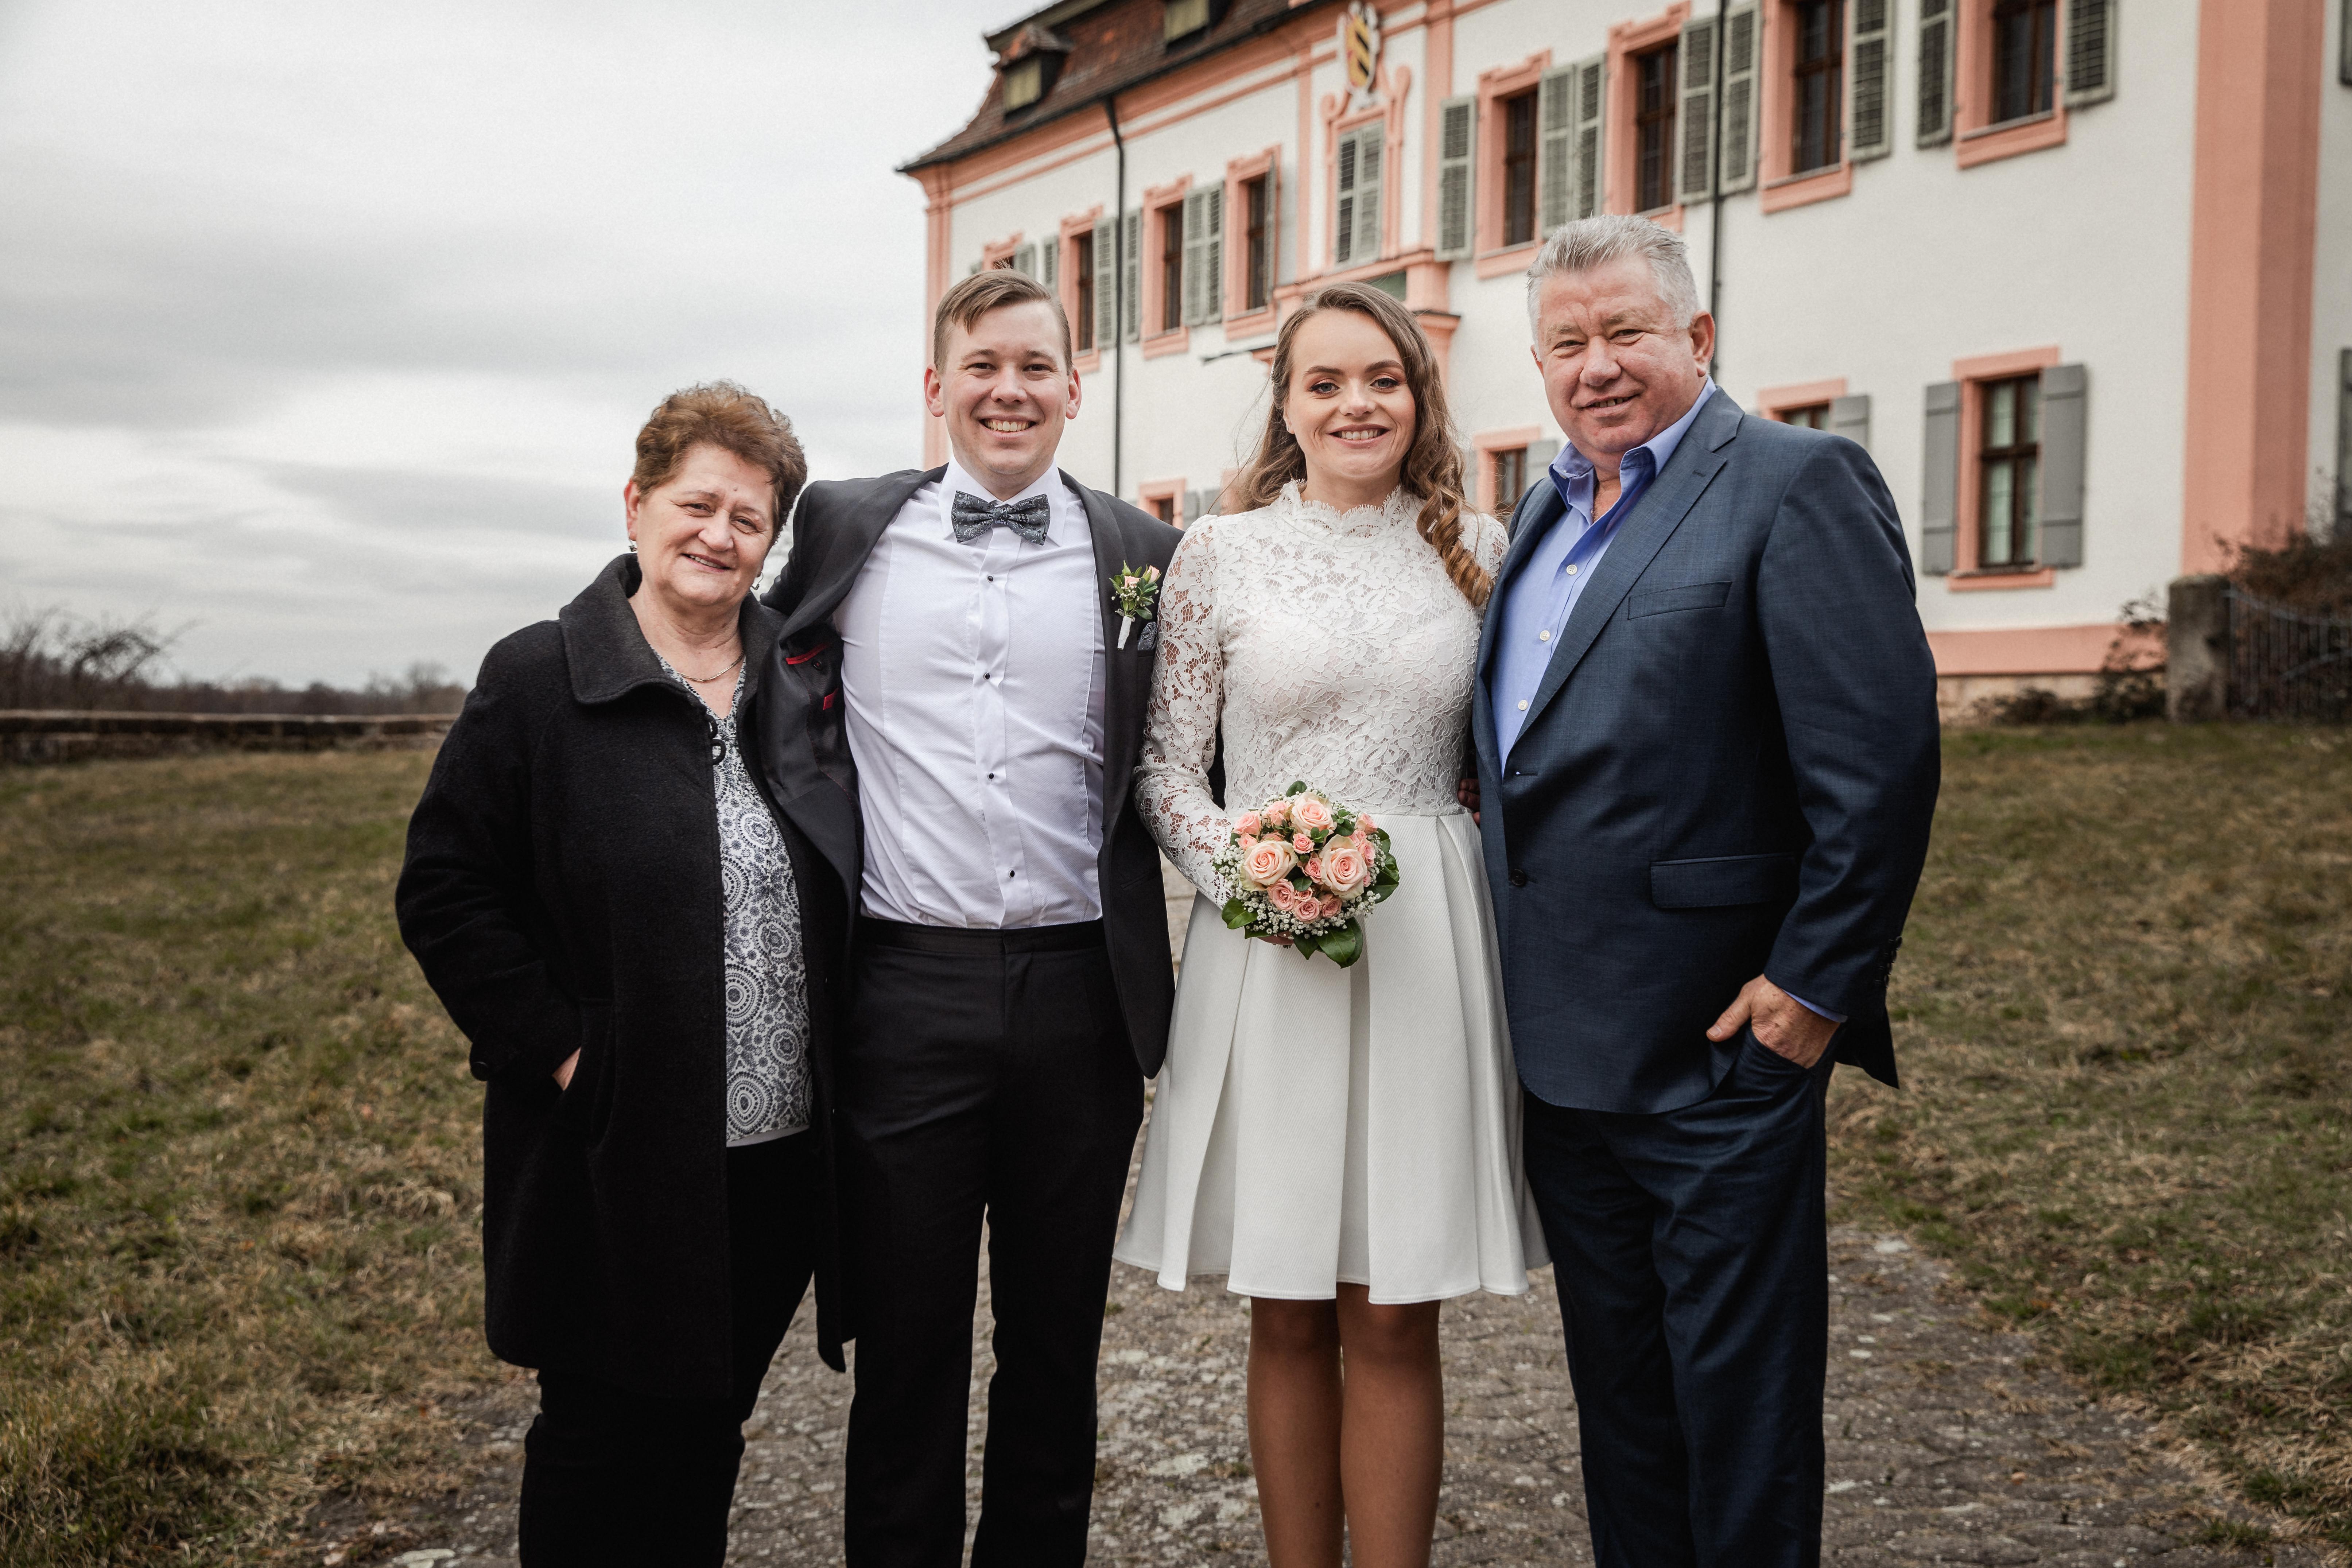 Hochzeitsfotograf-Grossgruendlach-Standesamt-Hallerschloss-Urbanerie-Stazija-und-Michael-079